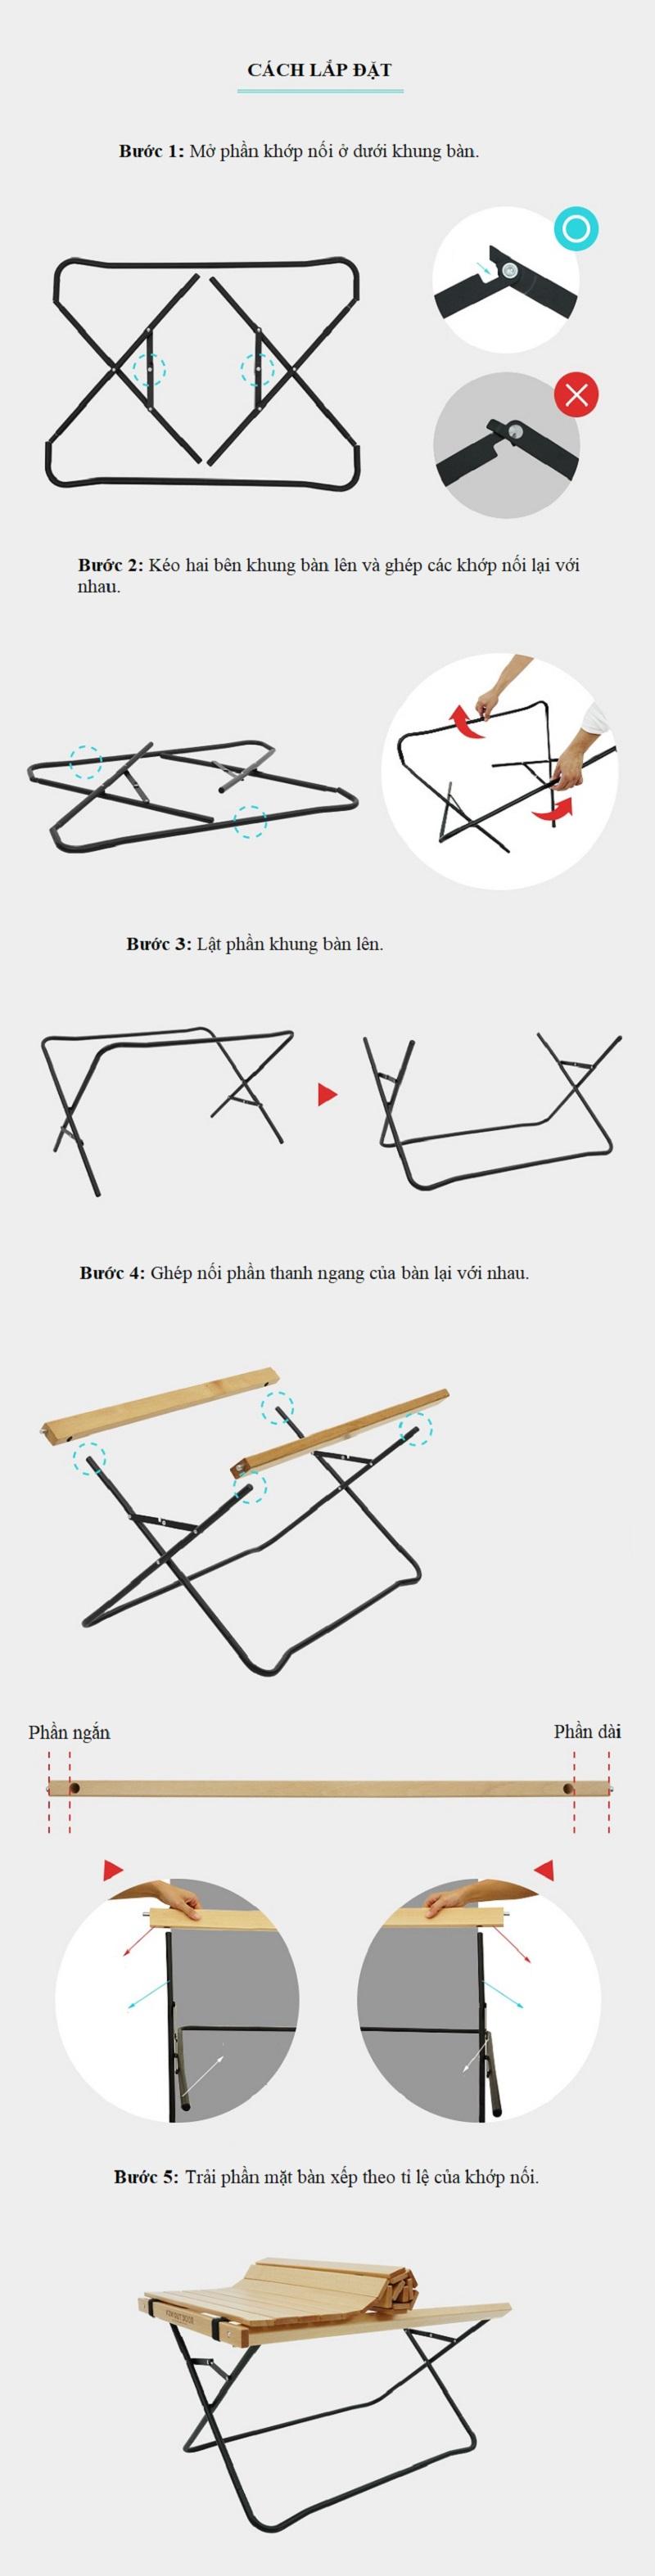 cách sử dụng Bàn gỗ chân xếp gấp gọn Kazmi K20T3U014